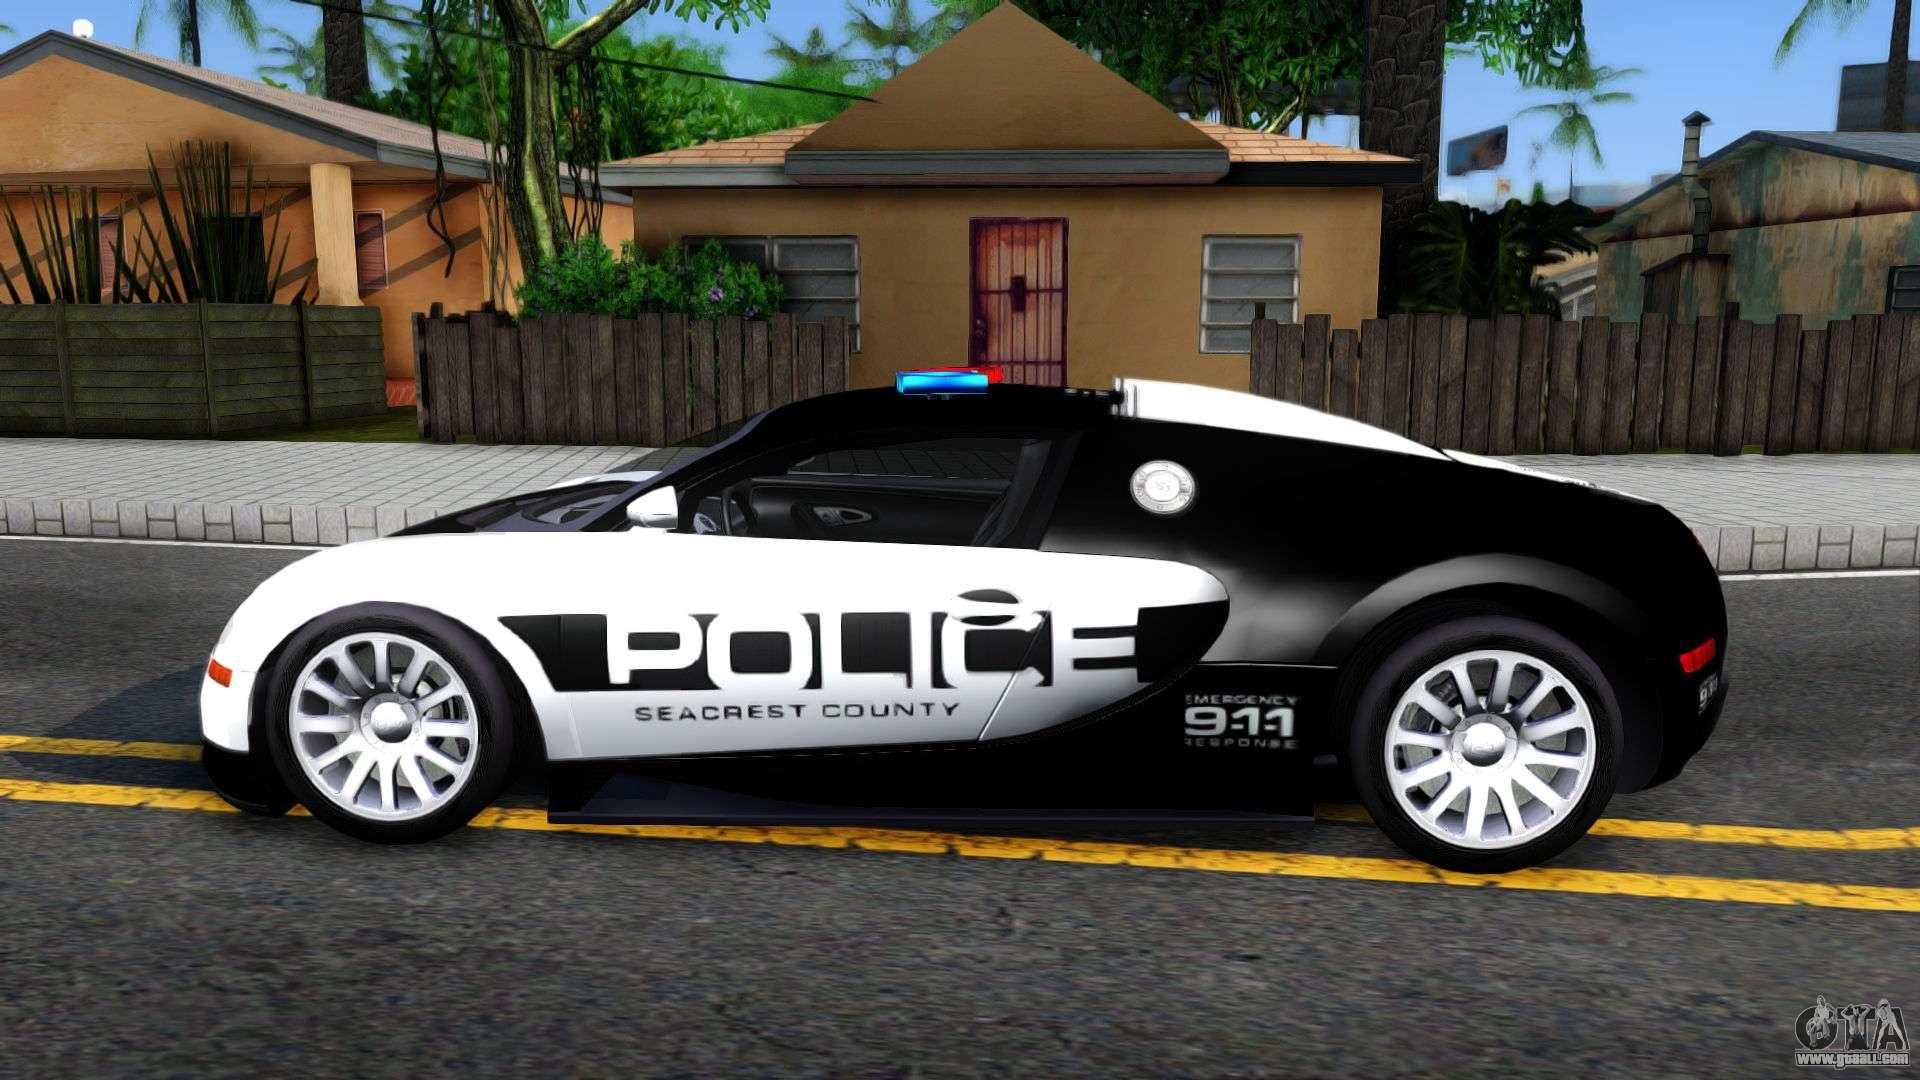 384543-enb-2017-02-14-22-36-53-79 Wonderful Bugatti Veyron Xbox 360 Games Cars Trend